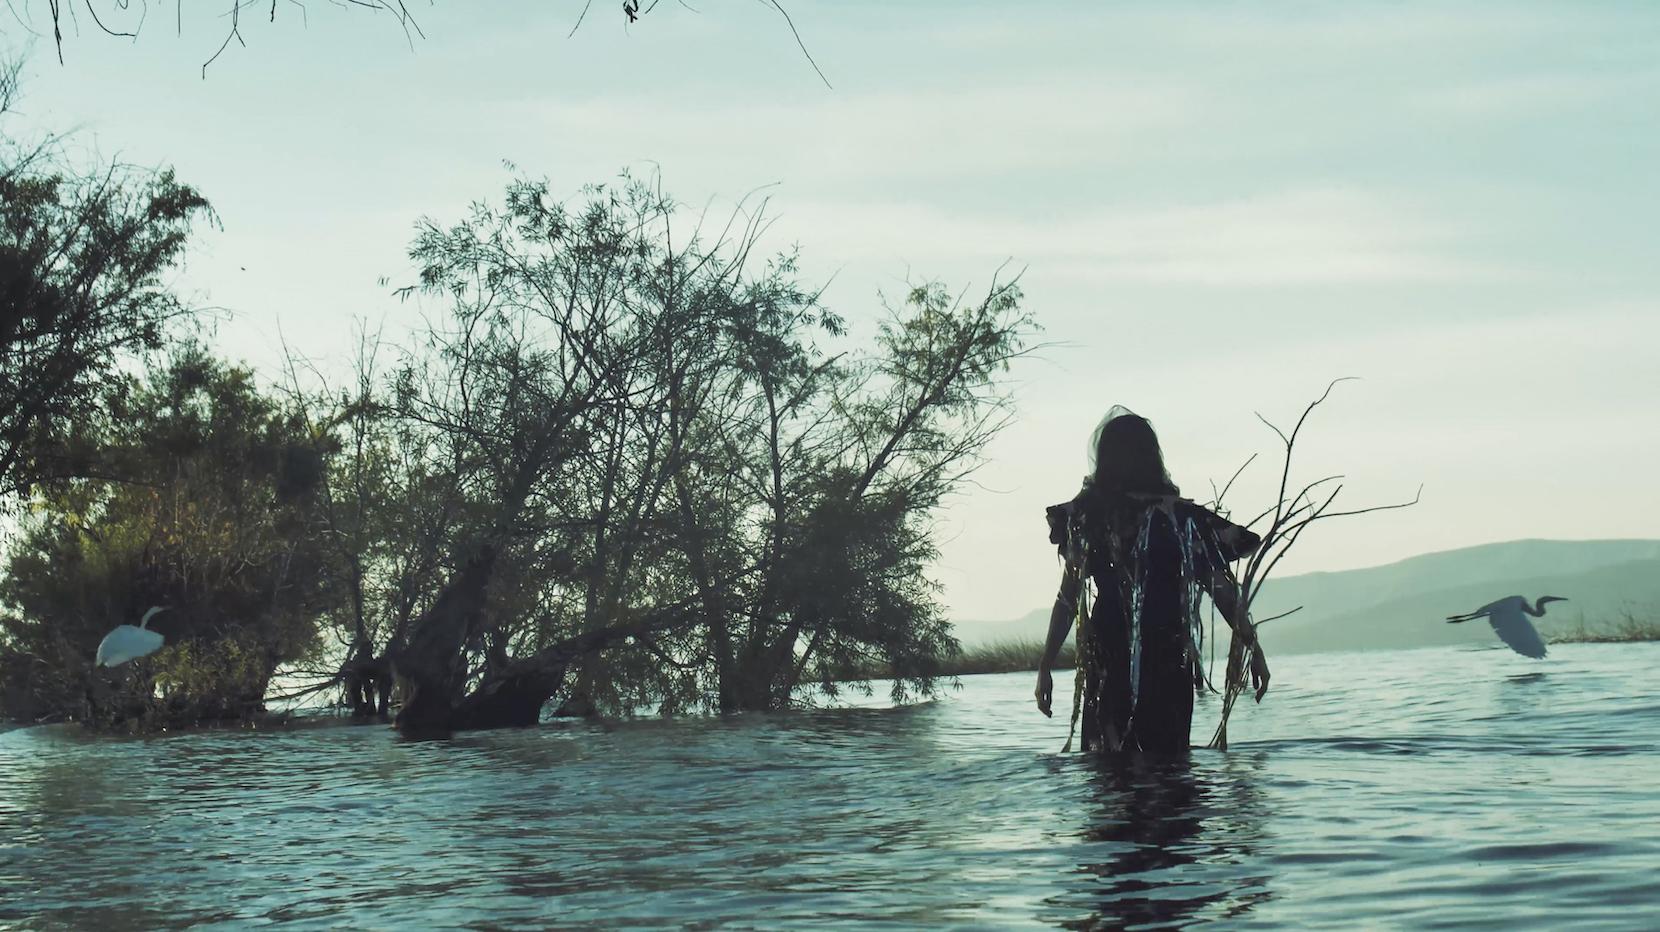 HANNA in Lake, GAVIOTAS, STILL FROM VIDEO